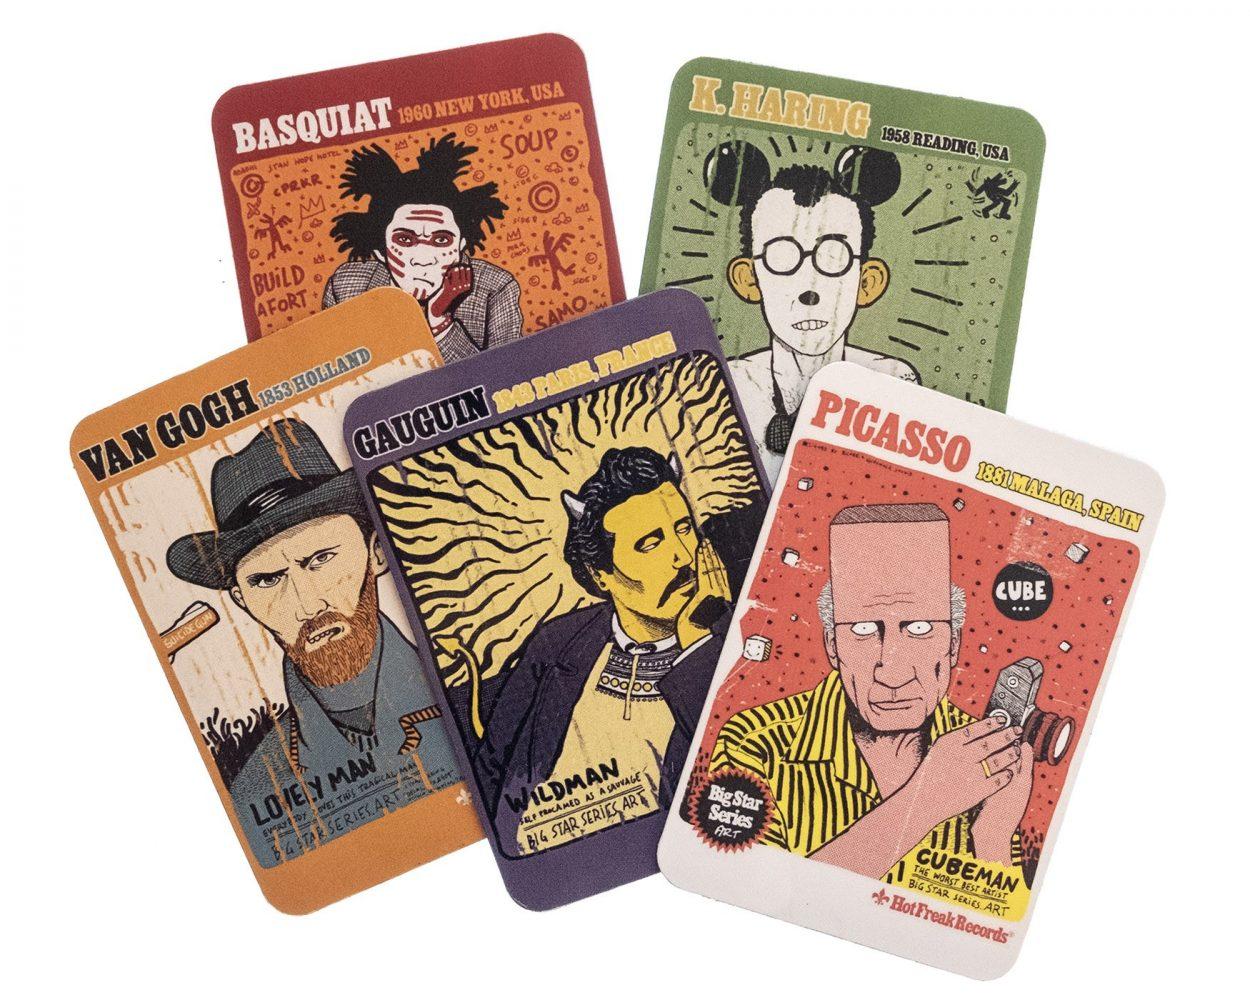 Merchandising de imanes con dibujos de los artistas Pablo Picasso, Paul Gaugin, Jean Michel Basquiat, Van Gogh, Keit Haring